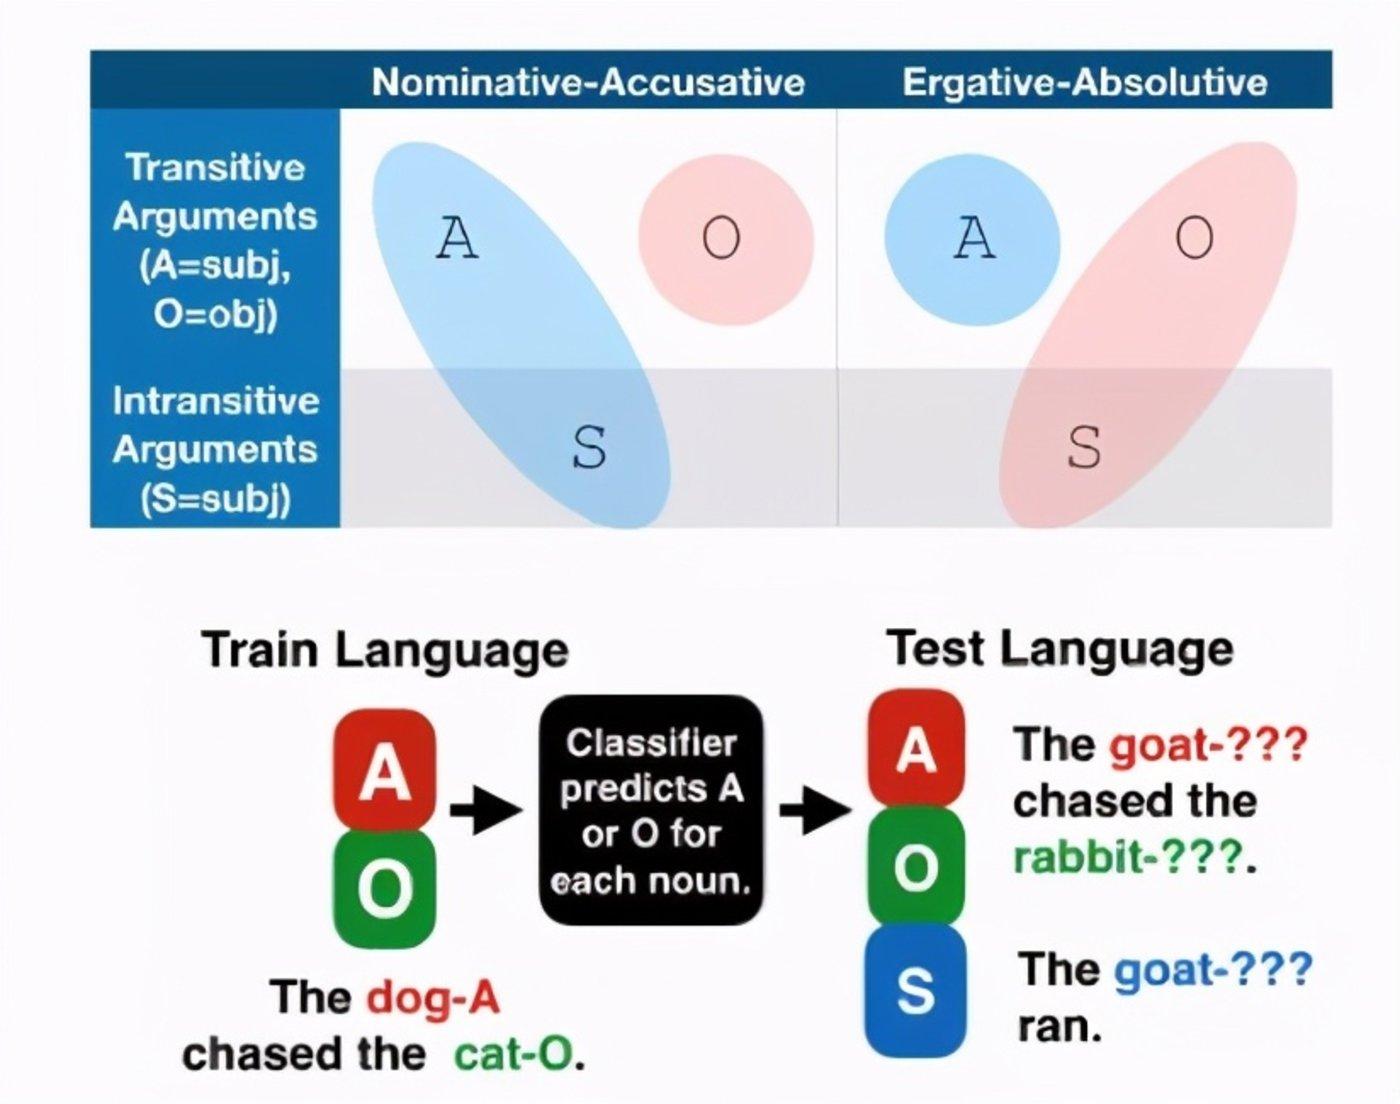 图 | 研究过程说明 (图源:arXiv)